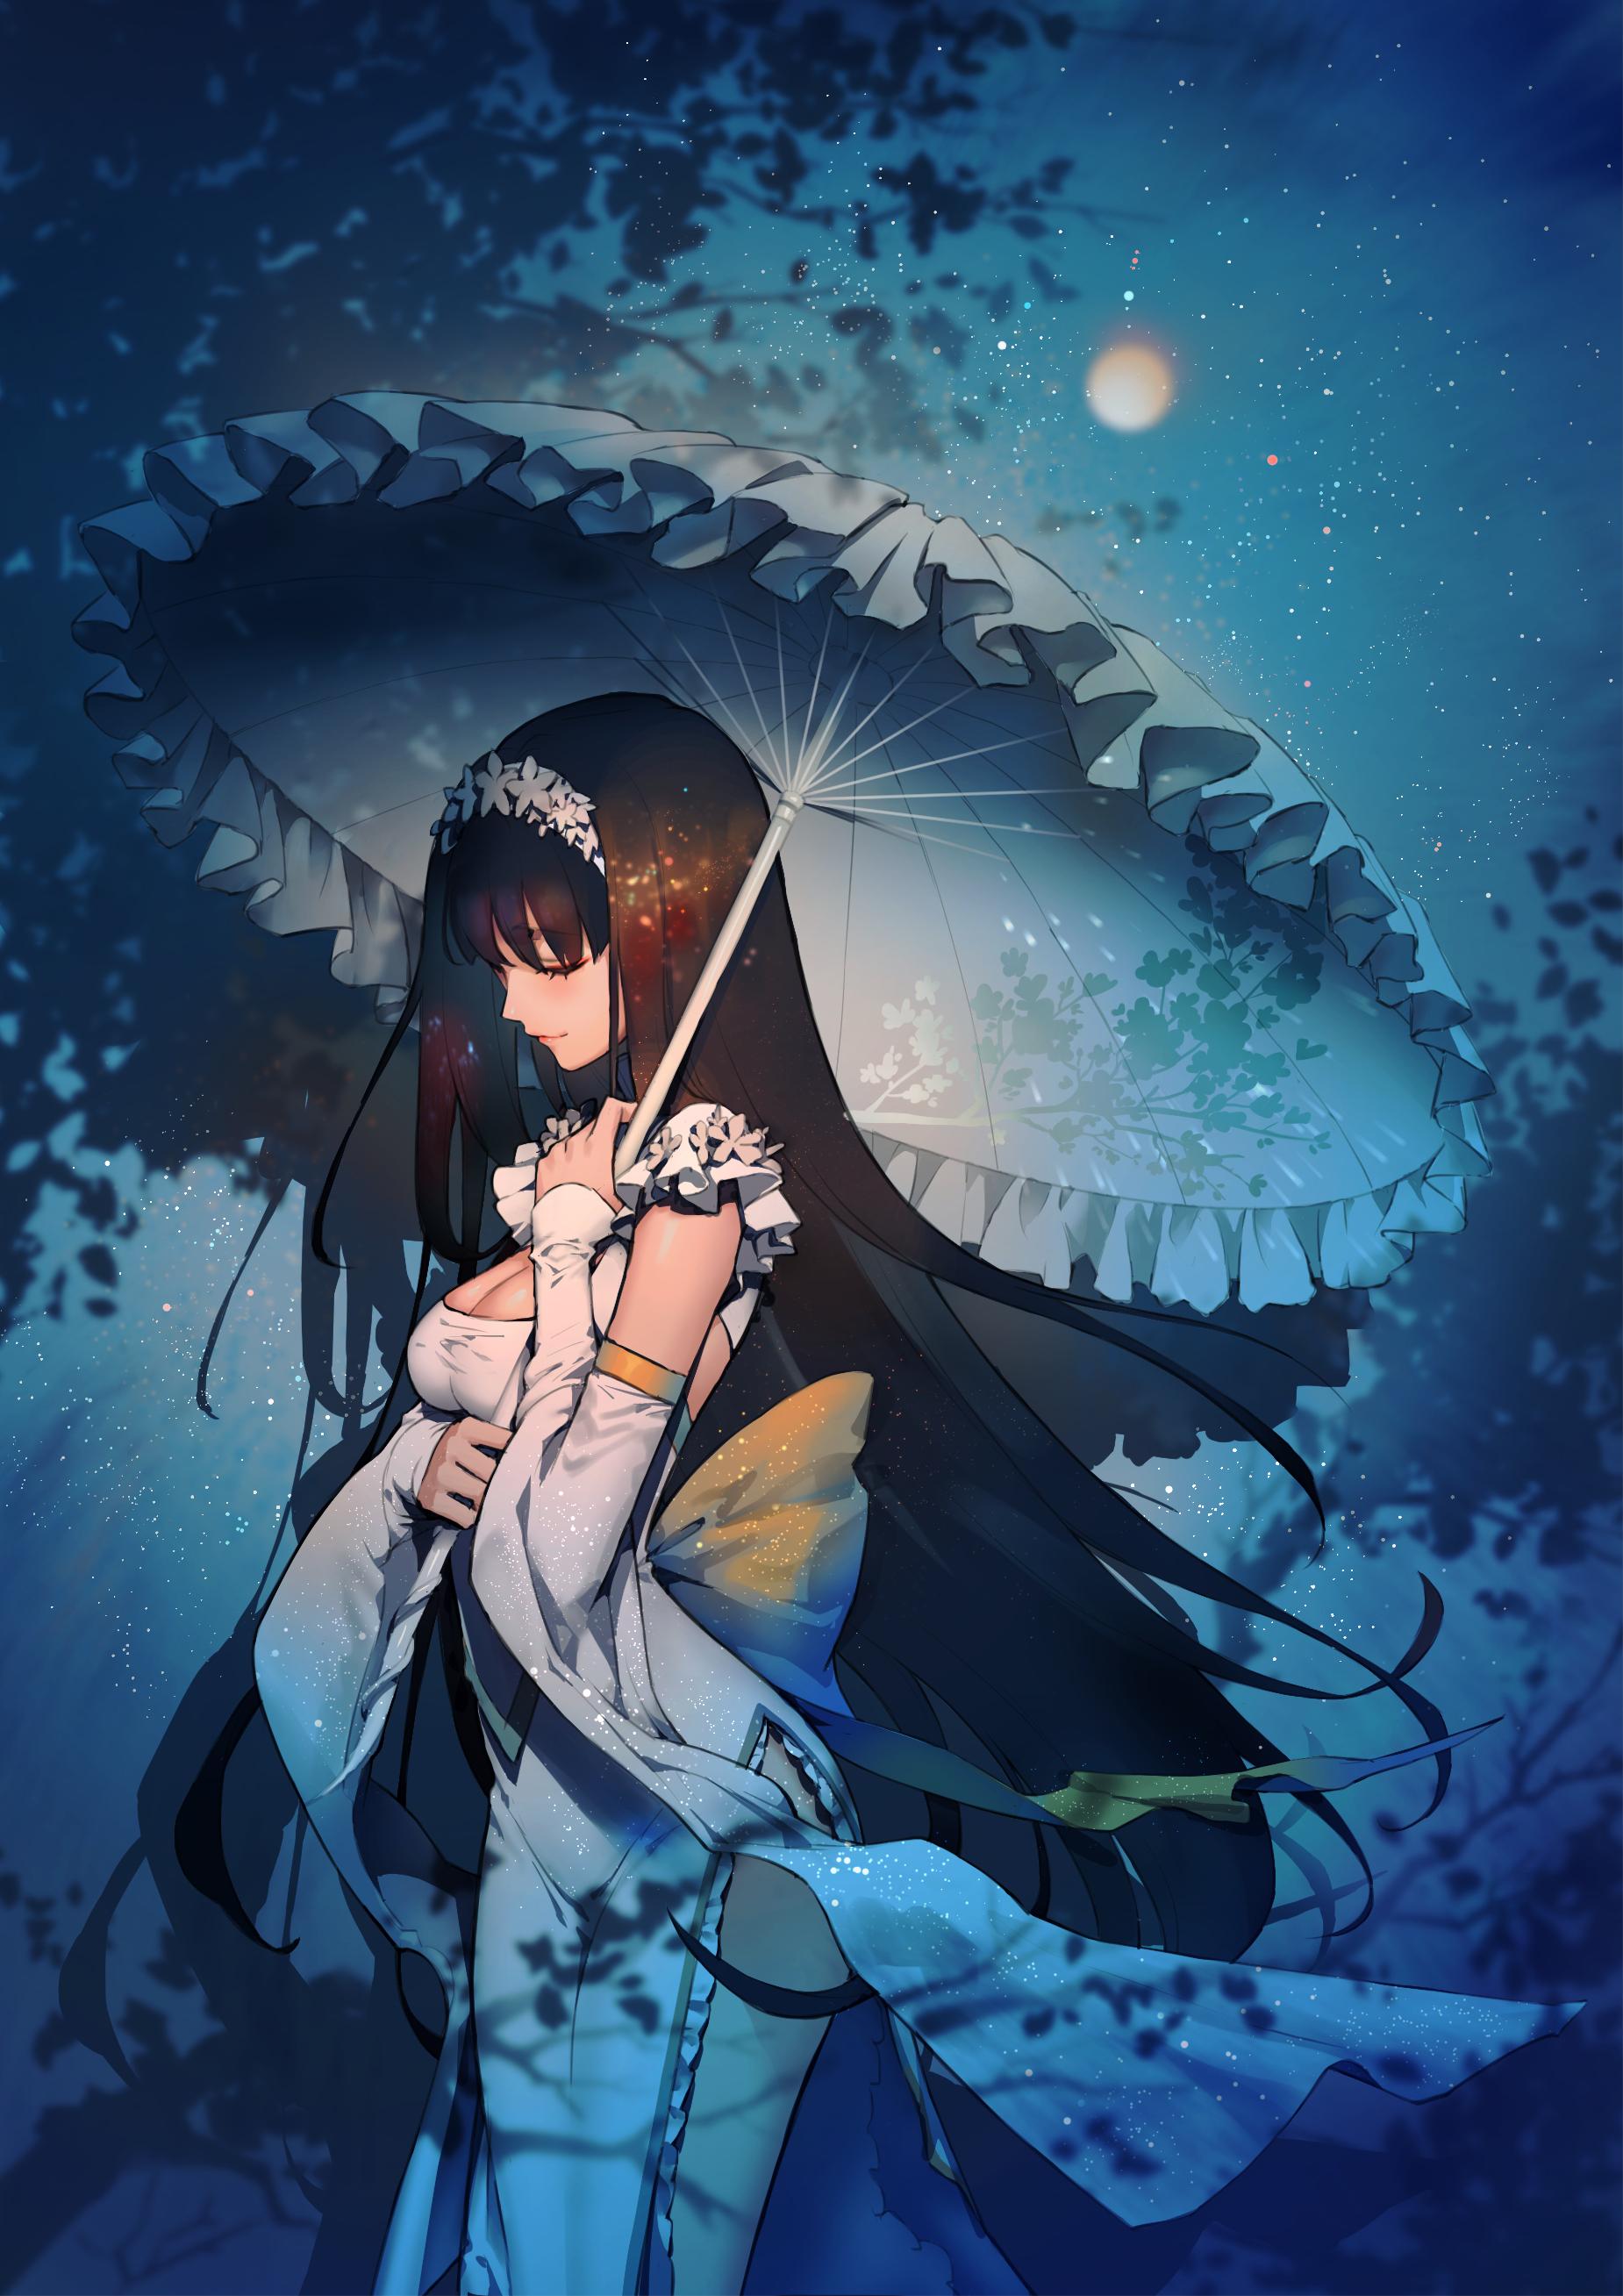 【初音未来】中秋节壁纸,公主殿下赛高_图片 No.14